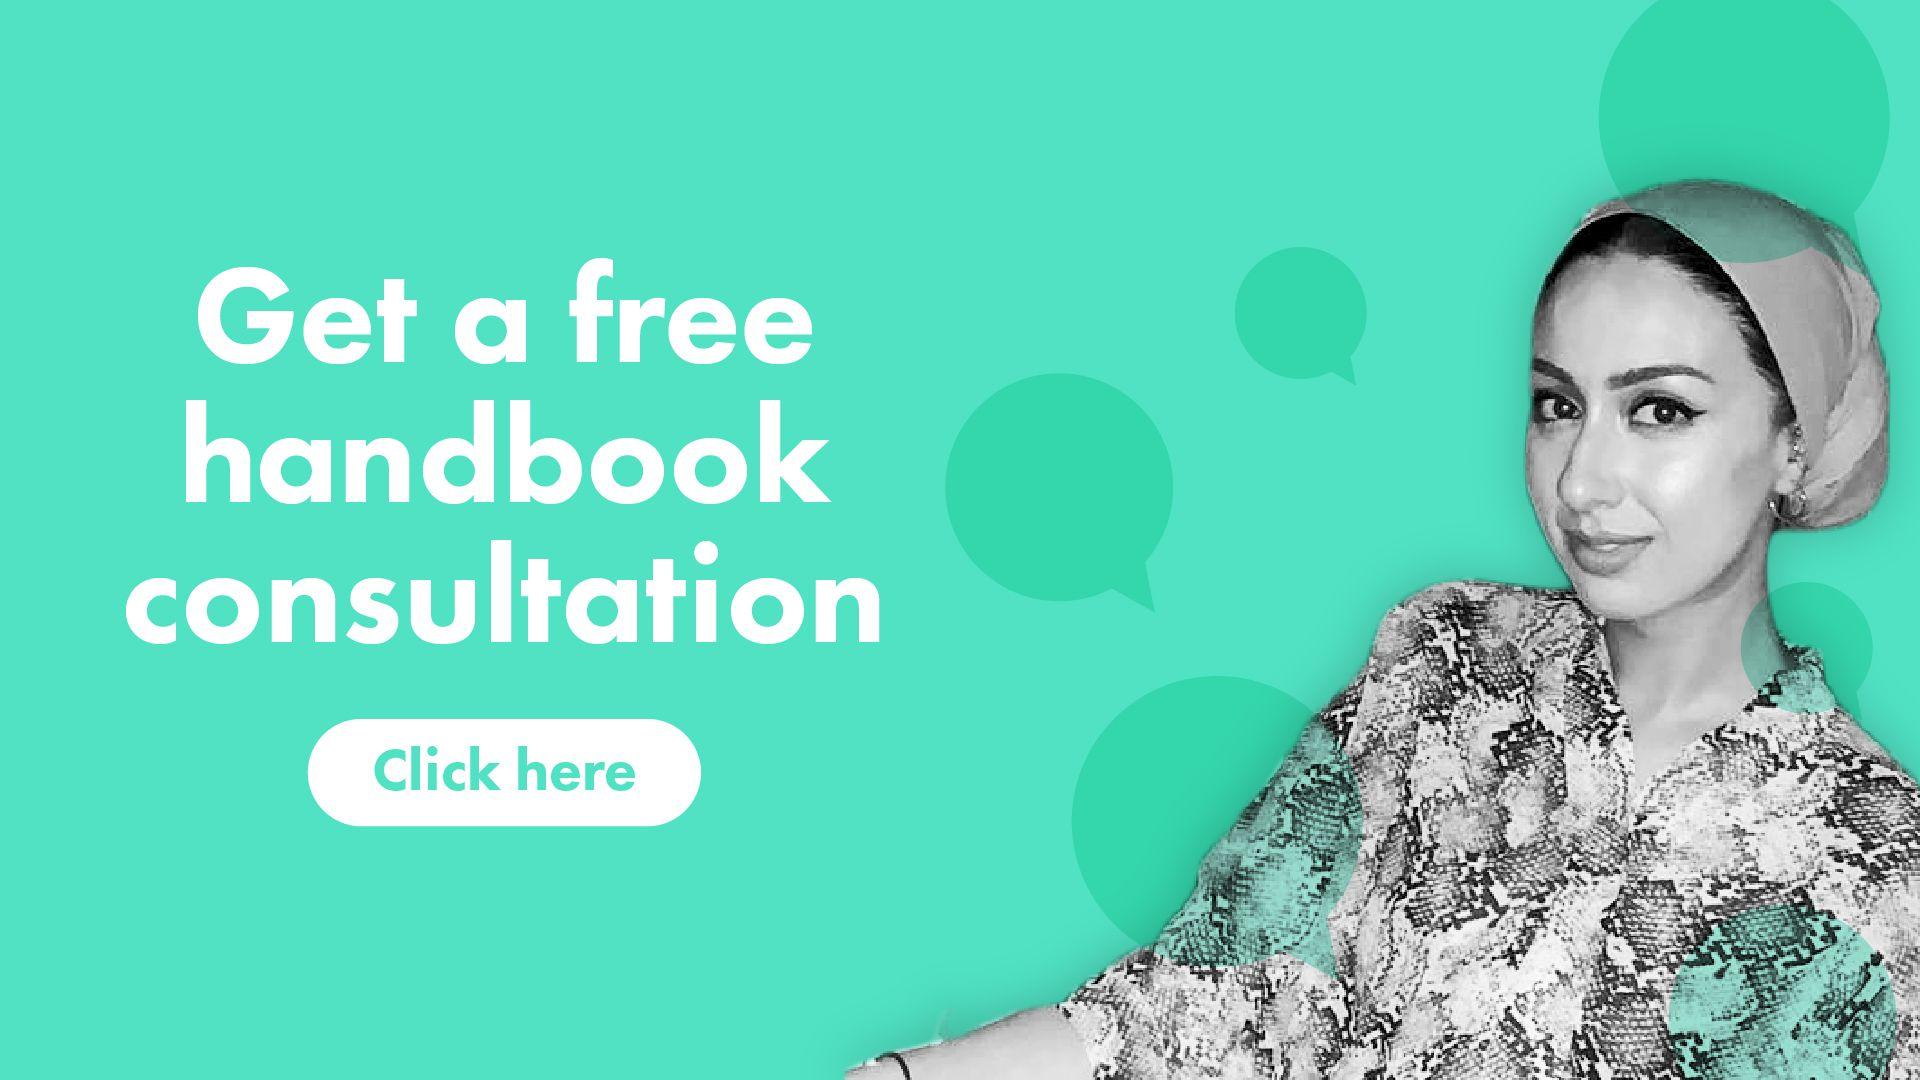 Handbook_Consultation_CTA-1